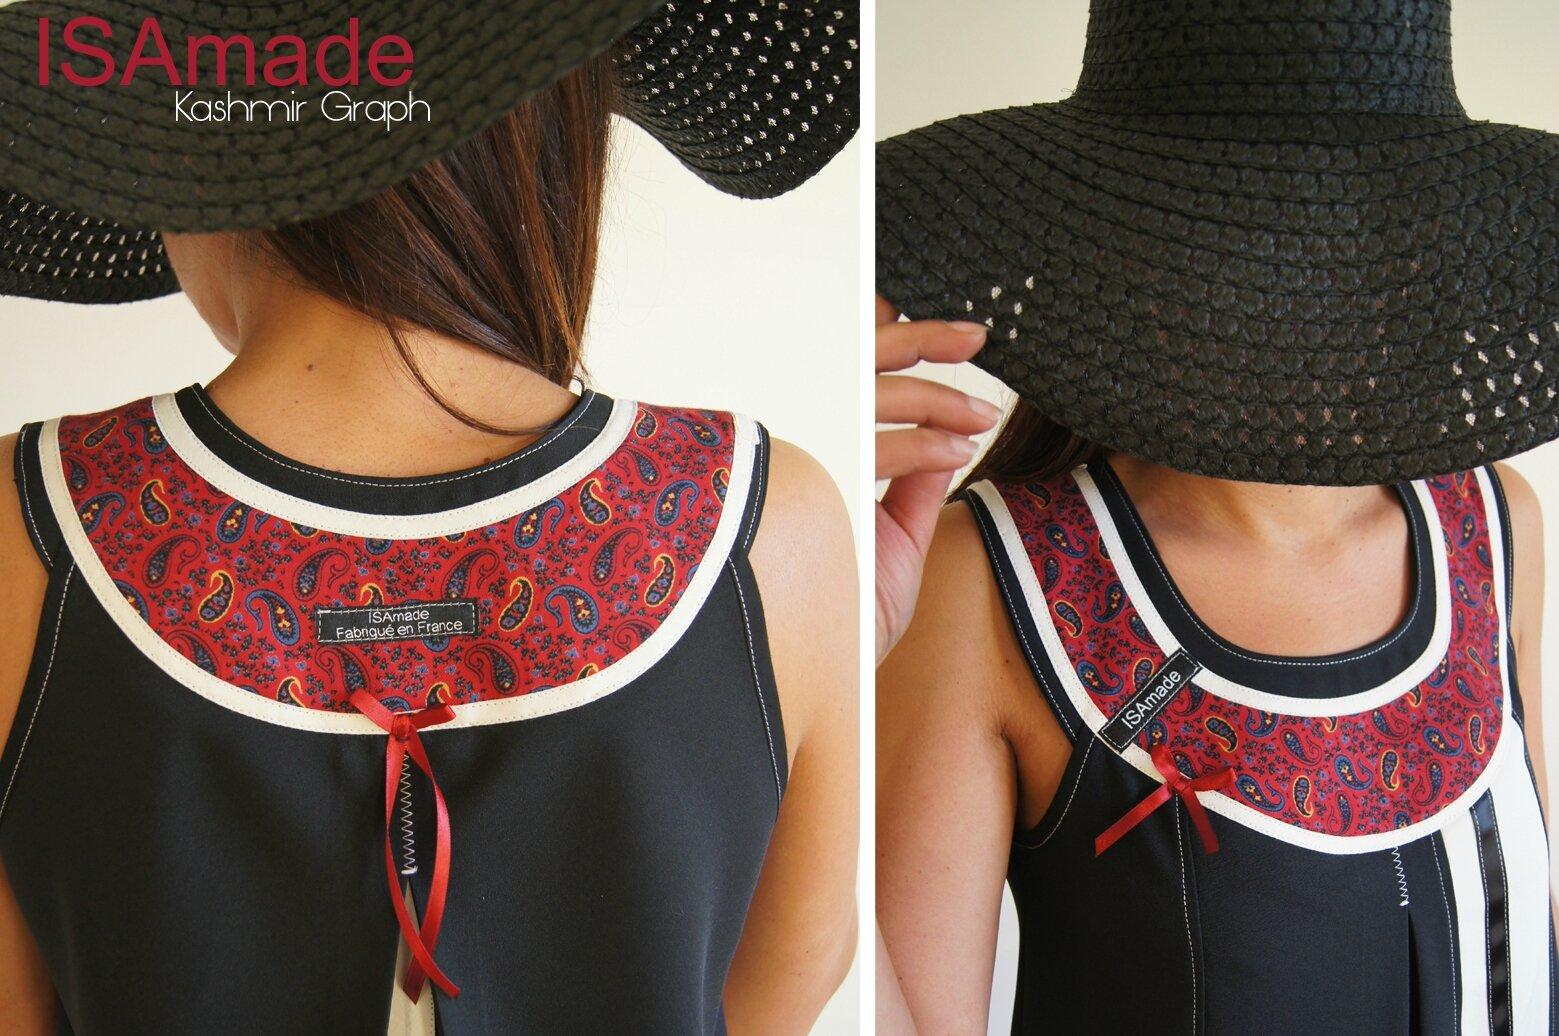 Robe trapèze Noire Chasuble Asymétrique Noire & Crème écru et imprimé cachemire Rouge Graphique